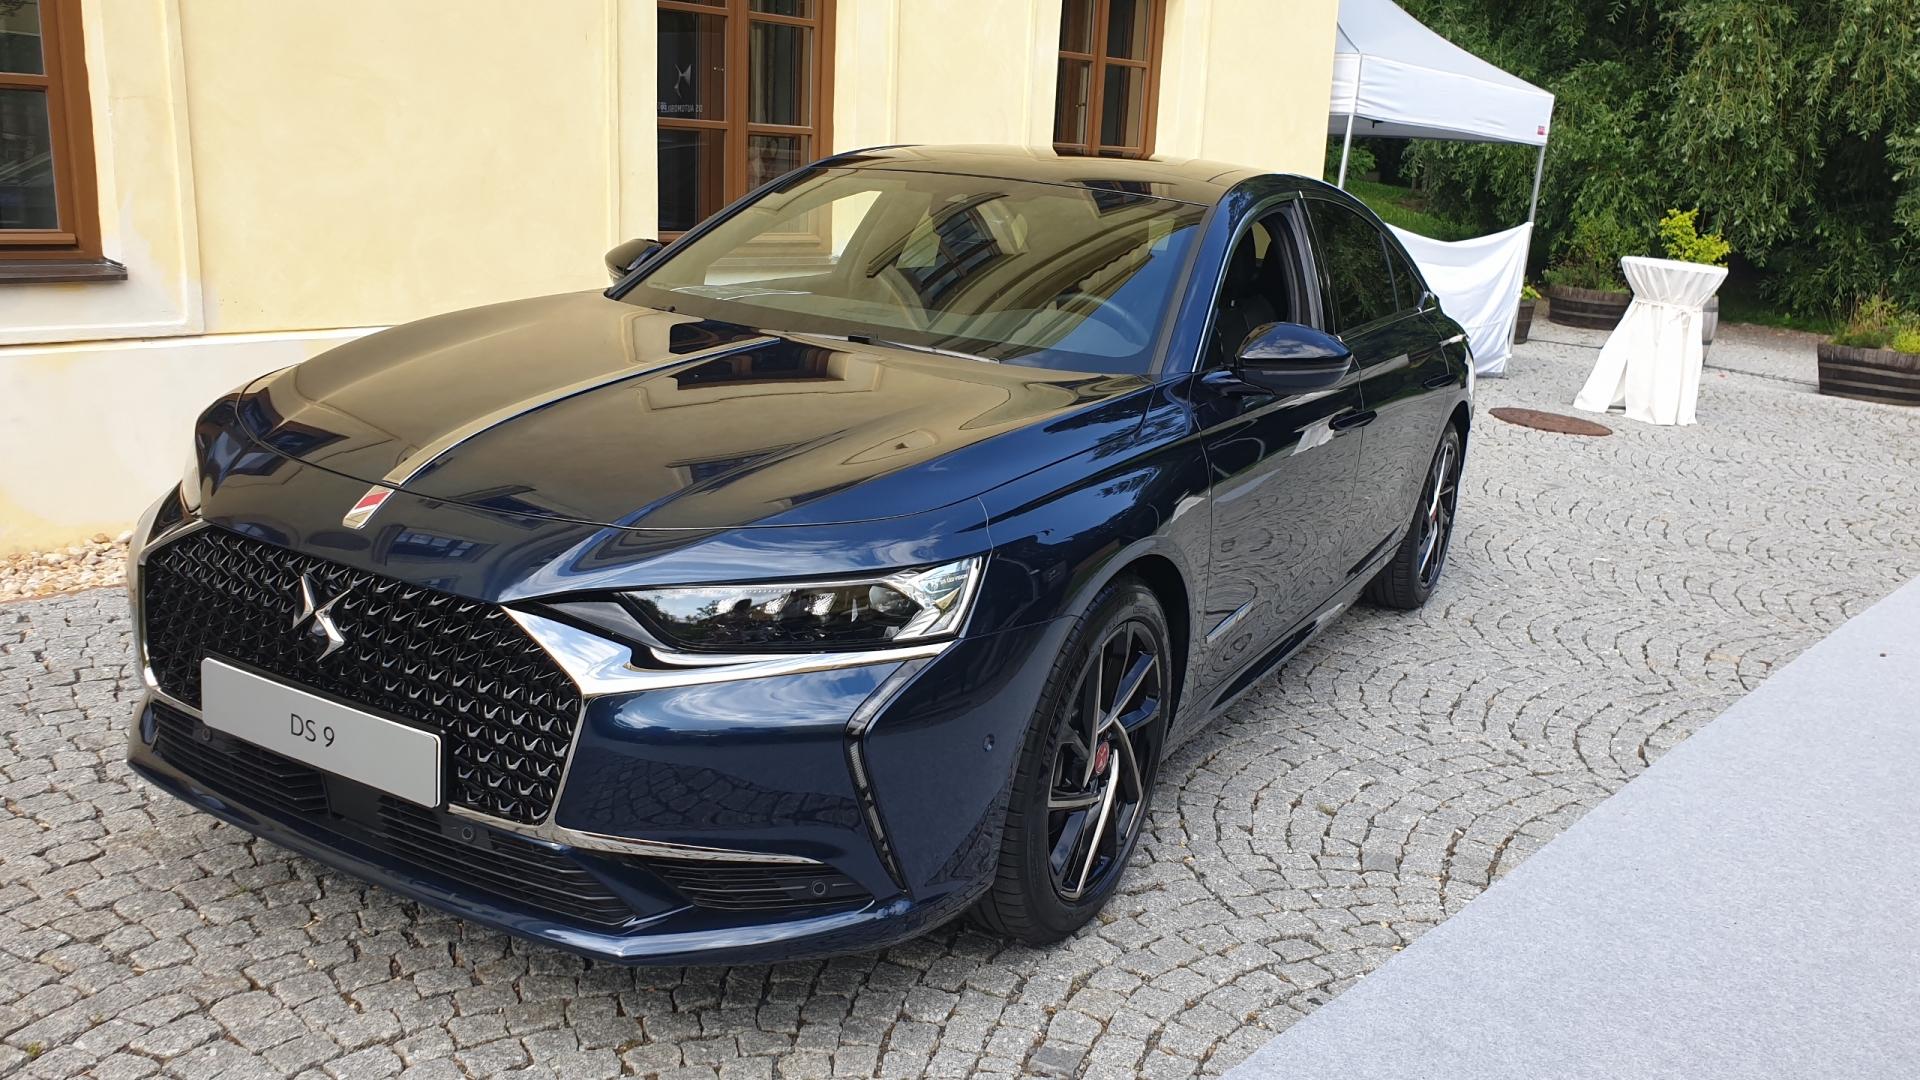 Francouzský sedan vyrobený v Číně přijíždí do Česka. DS 9 je dražší než Mercedes třídy E